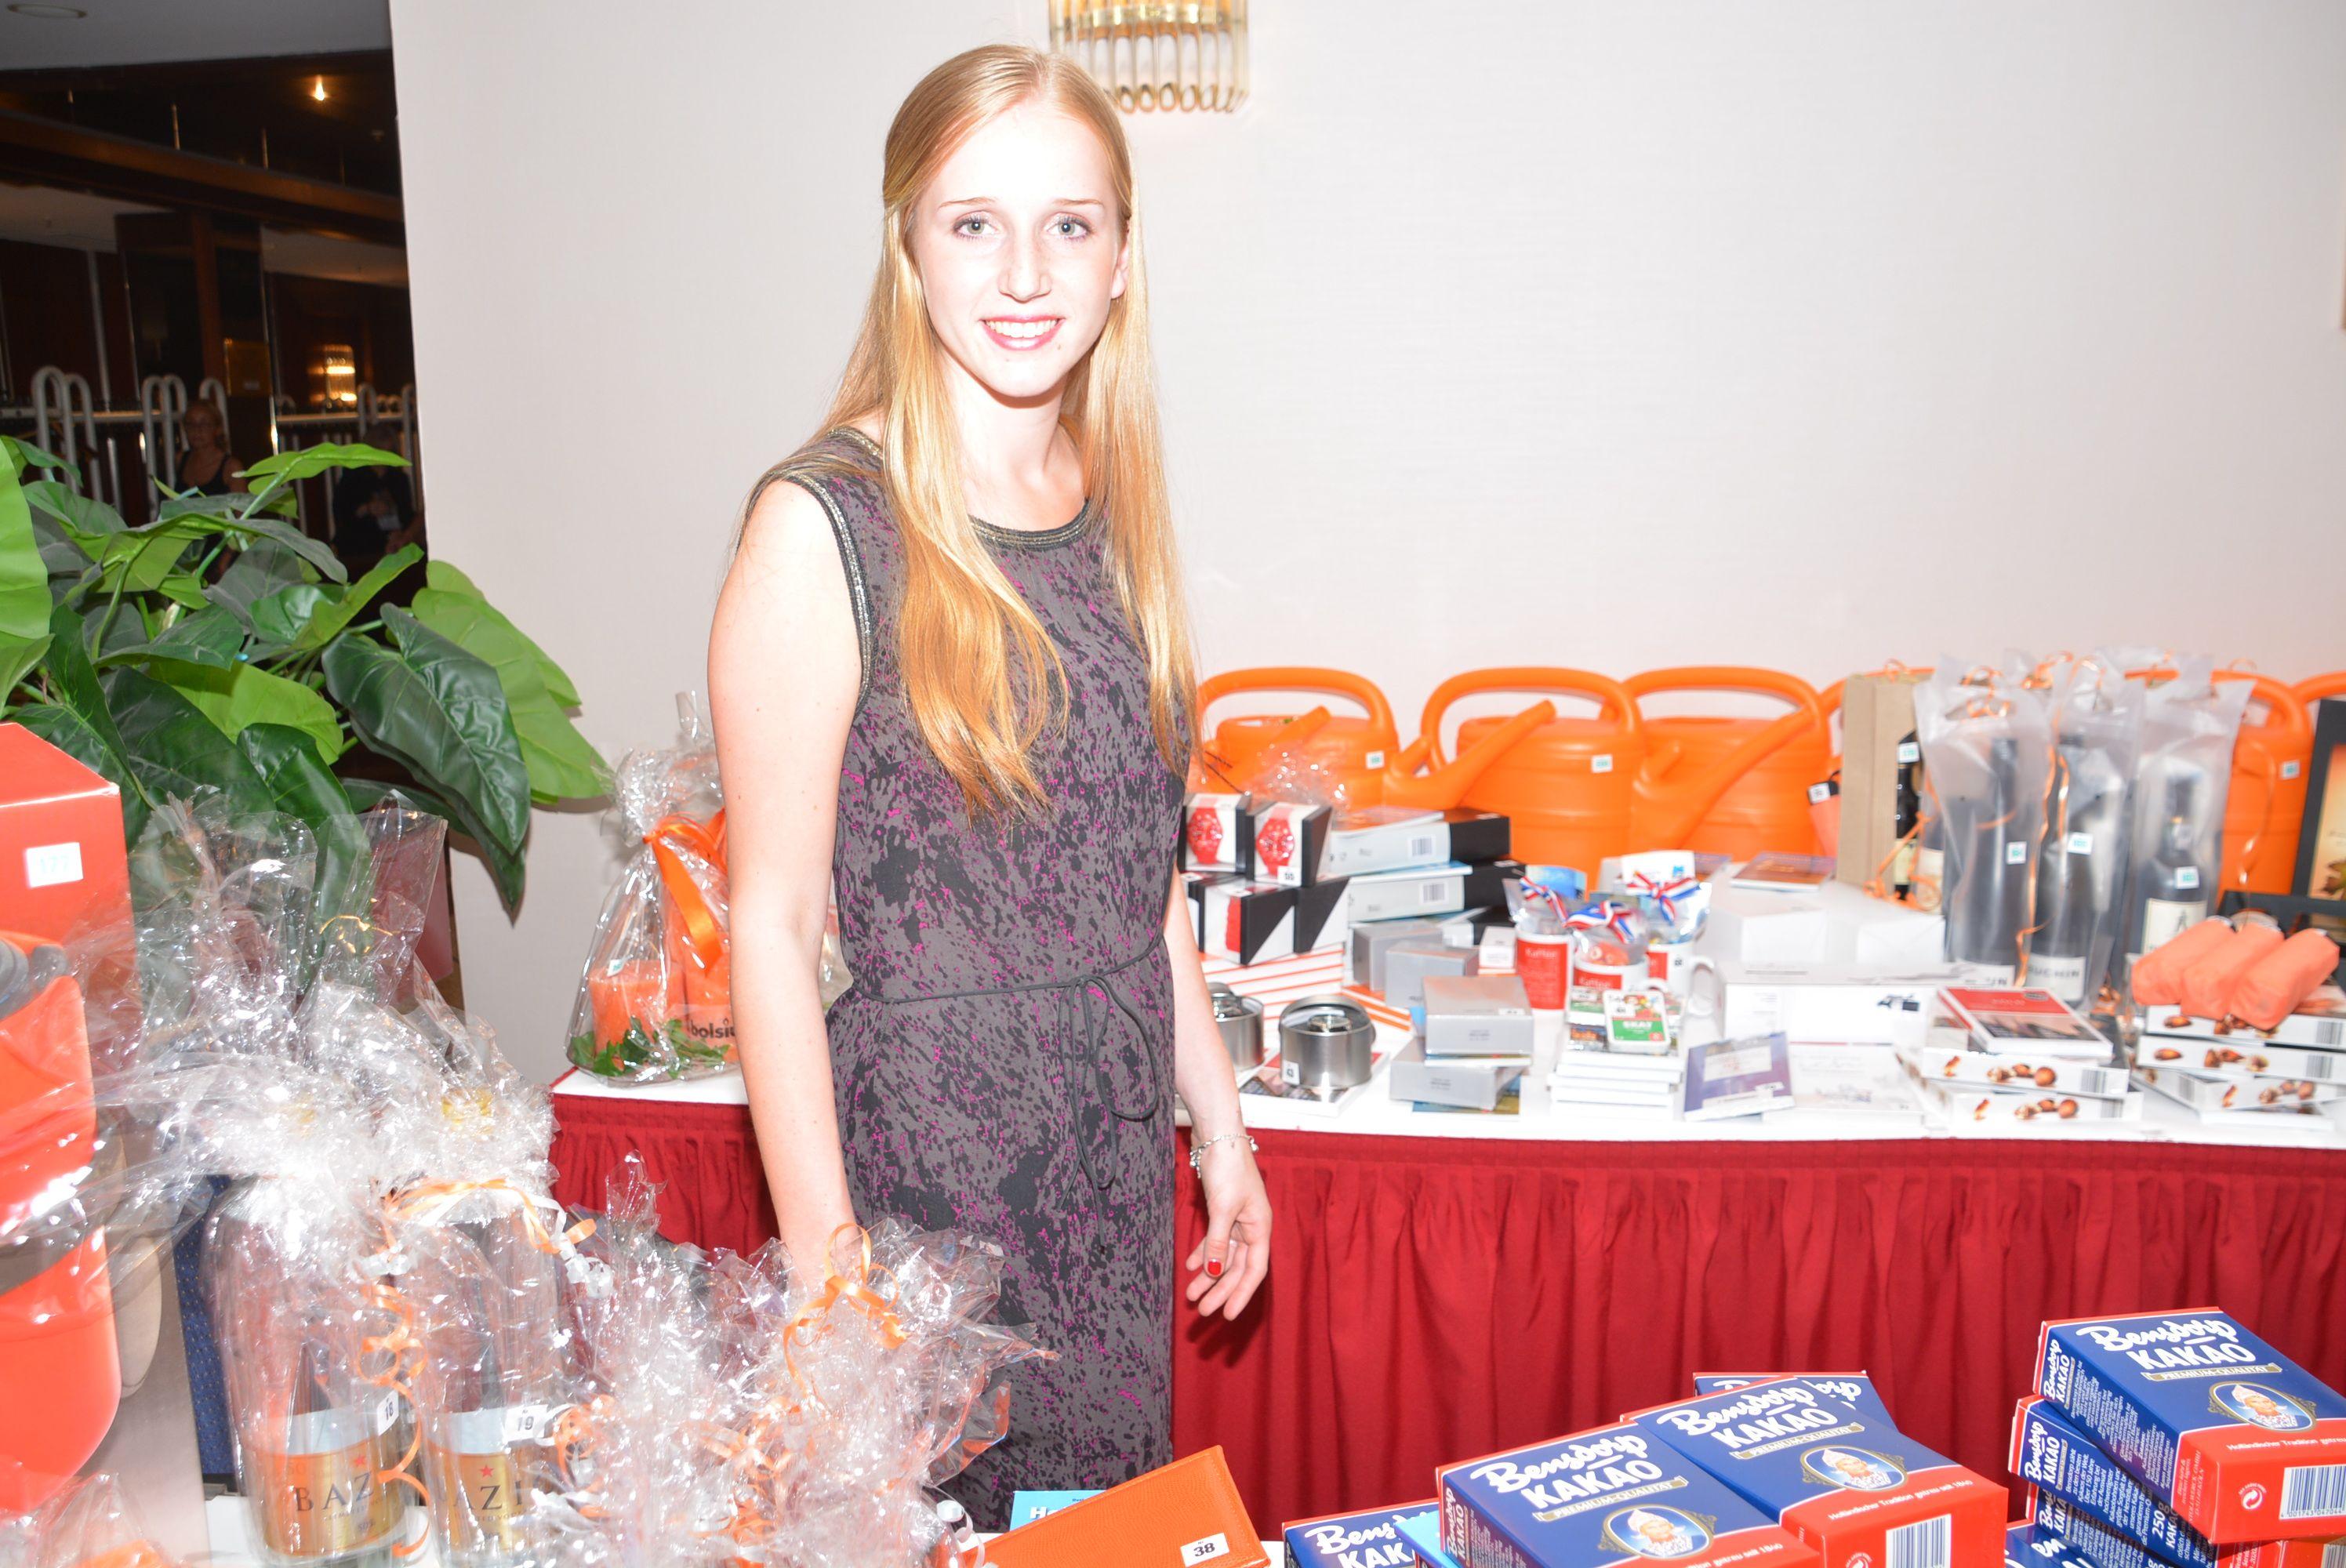 Glücksfee des Abends: Lisa vom Niederländischen Büro für Tourismus & Convention behütet den Tombolatisch